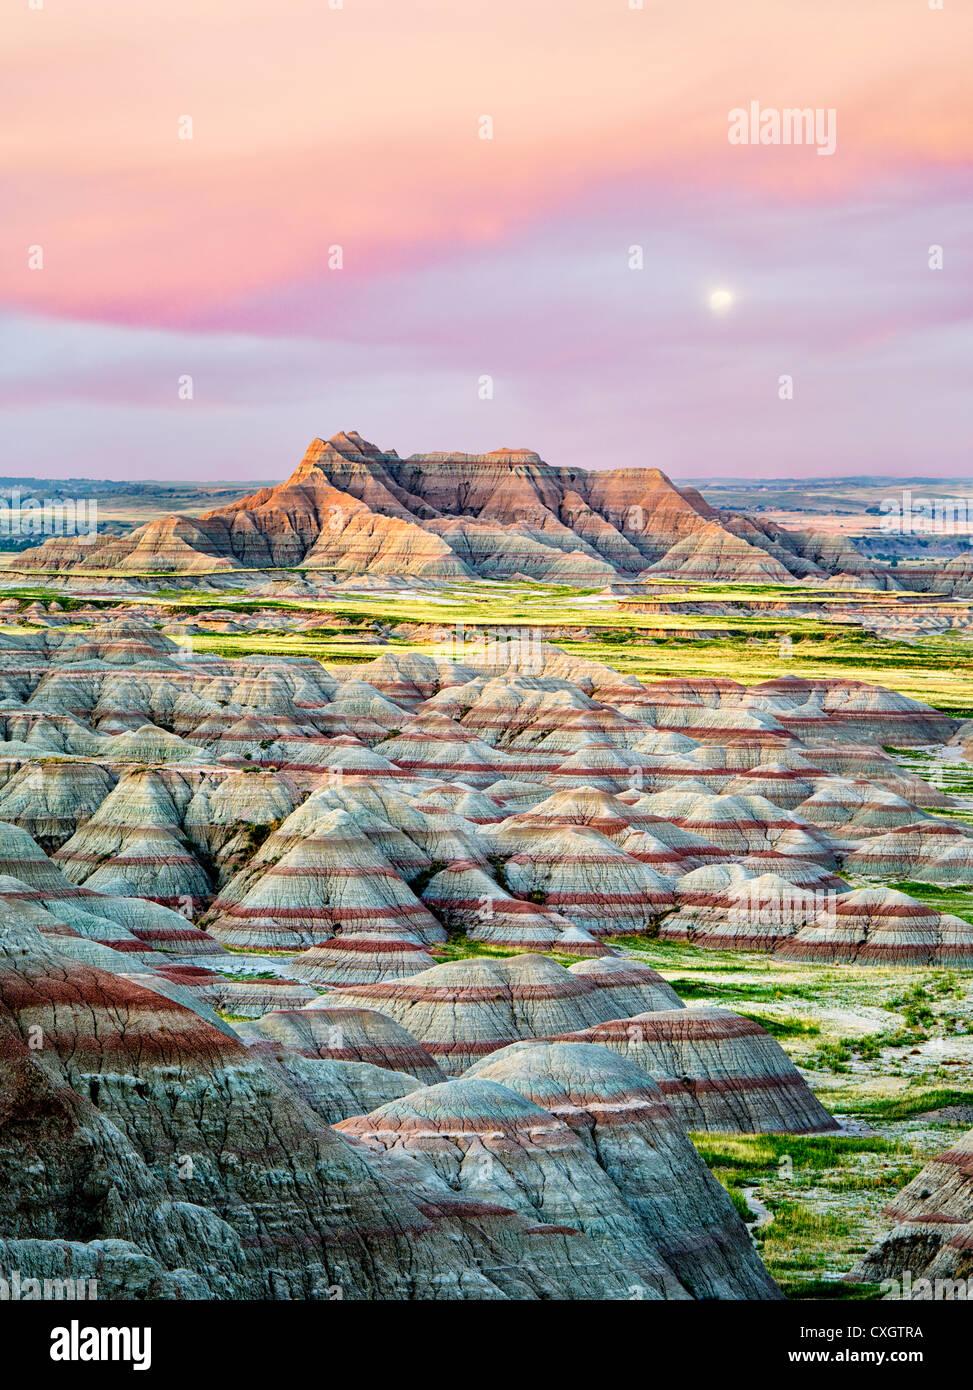 Formaciones de colores en el Parque Nacional Badlands, Dakota del Sur Imagen De Stock